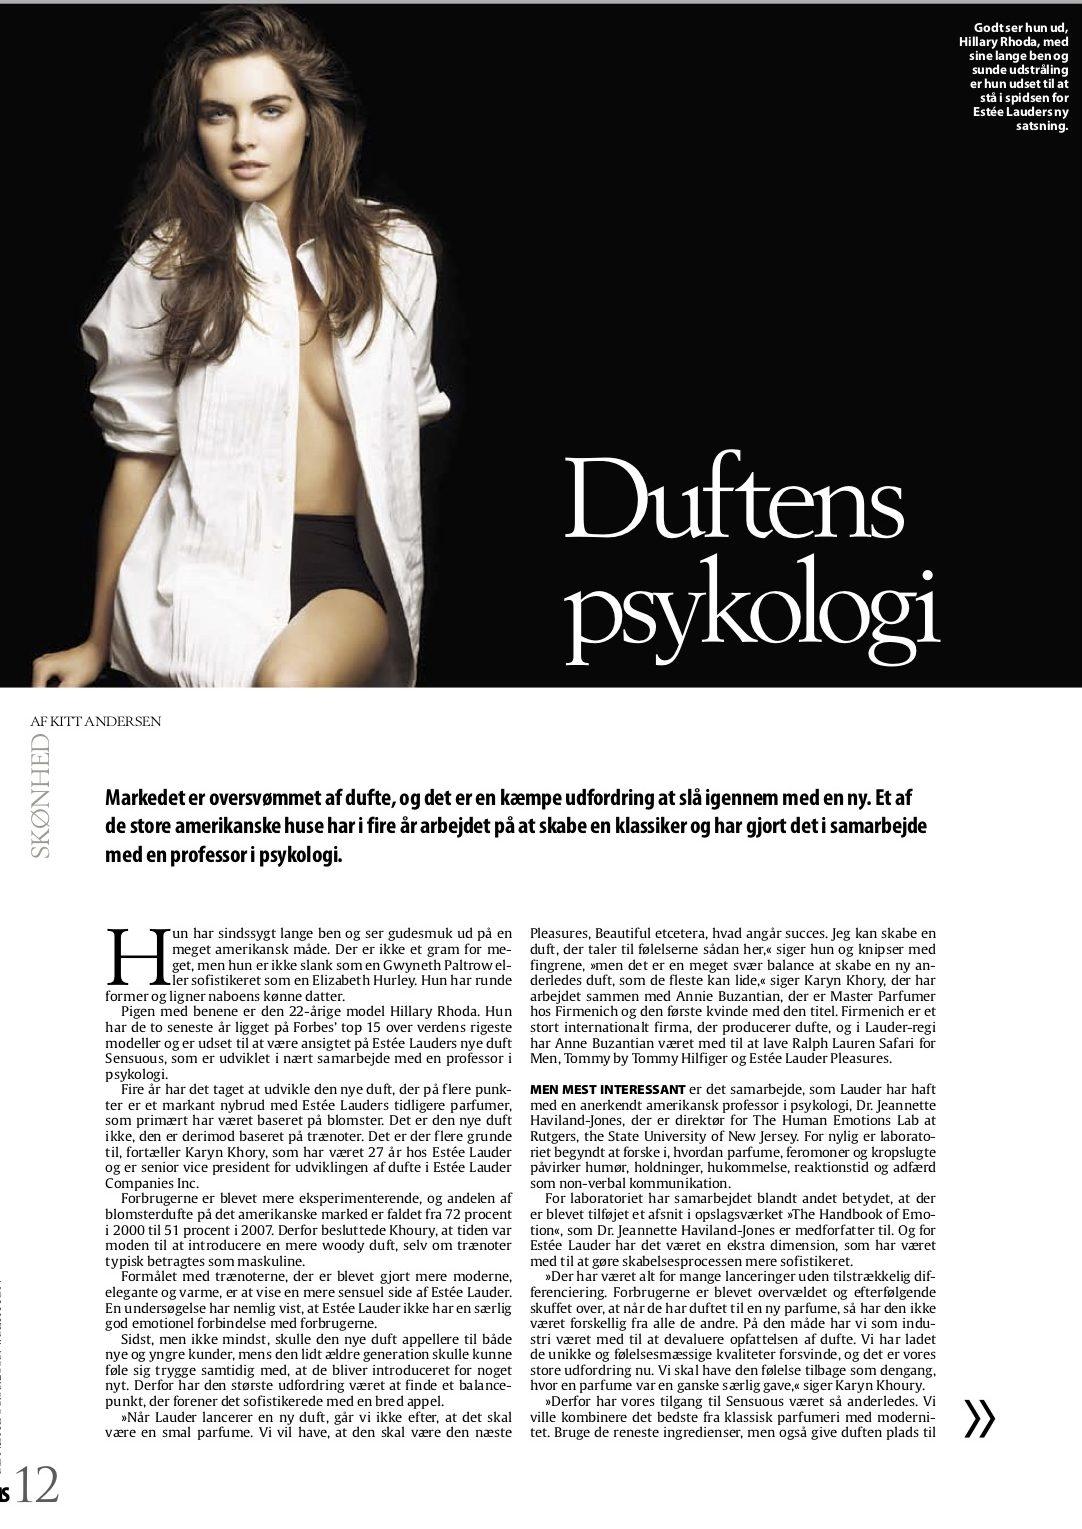 Duftens psykologi MS Berlingske 2009